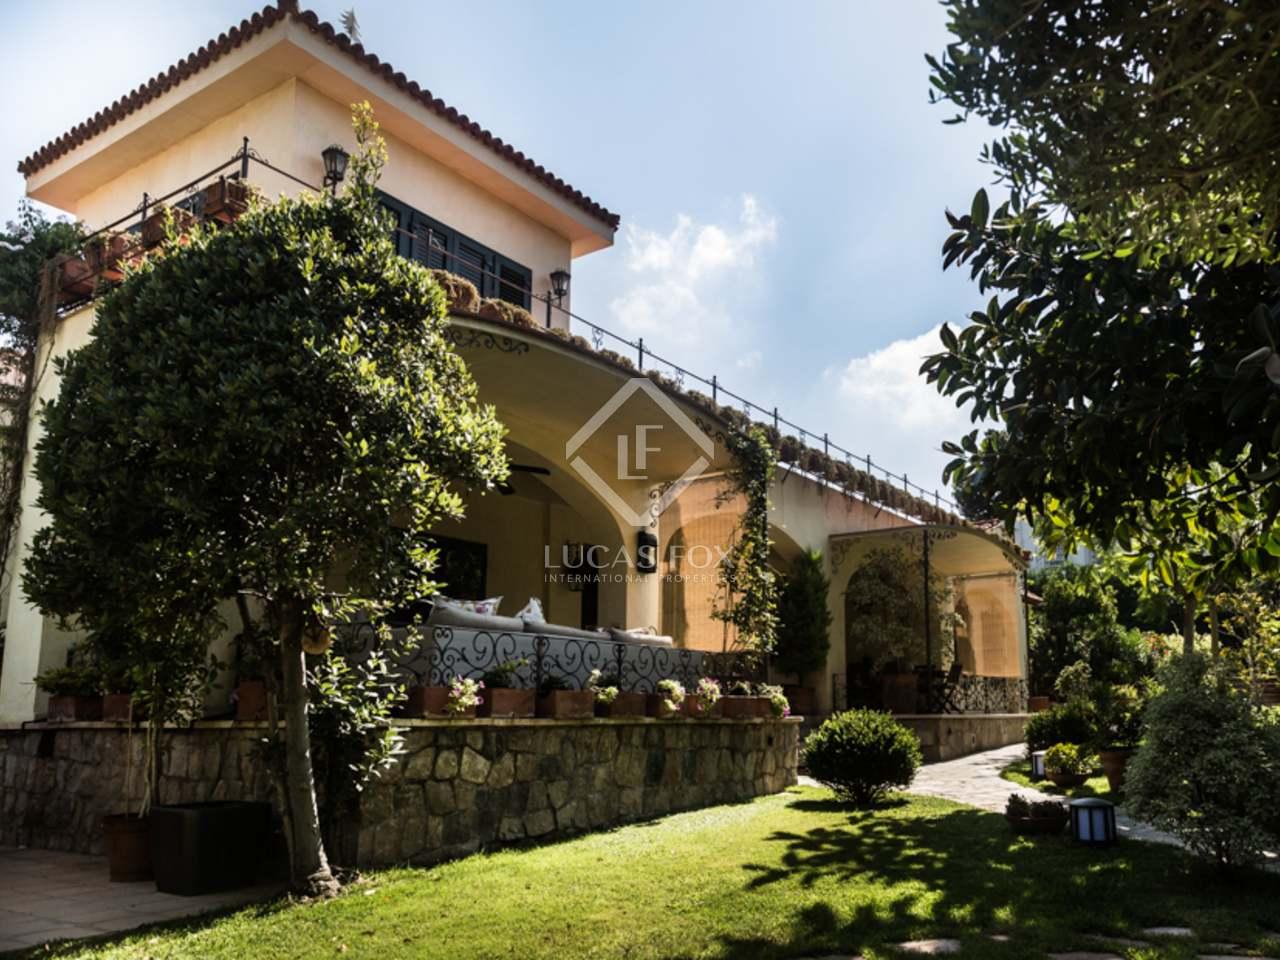 Godella villa for sale near valencia city spain for Villas valencia